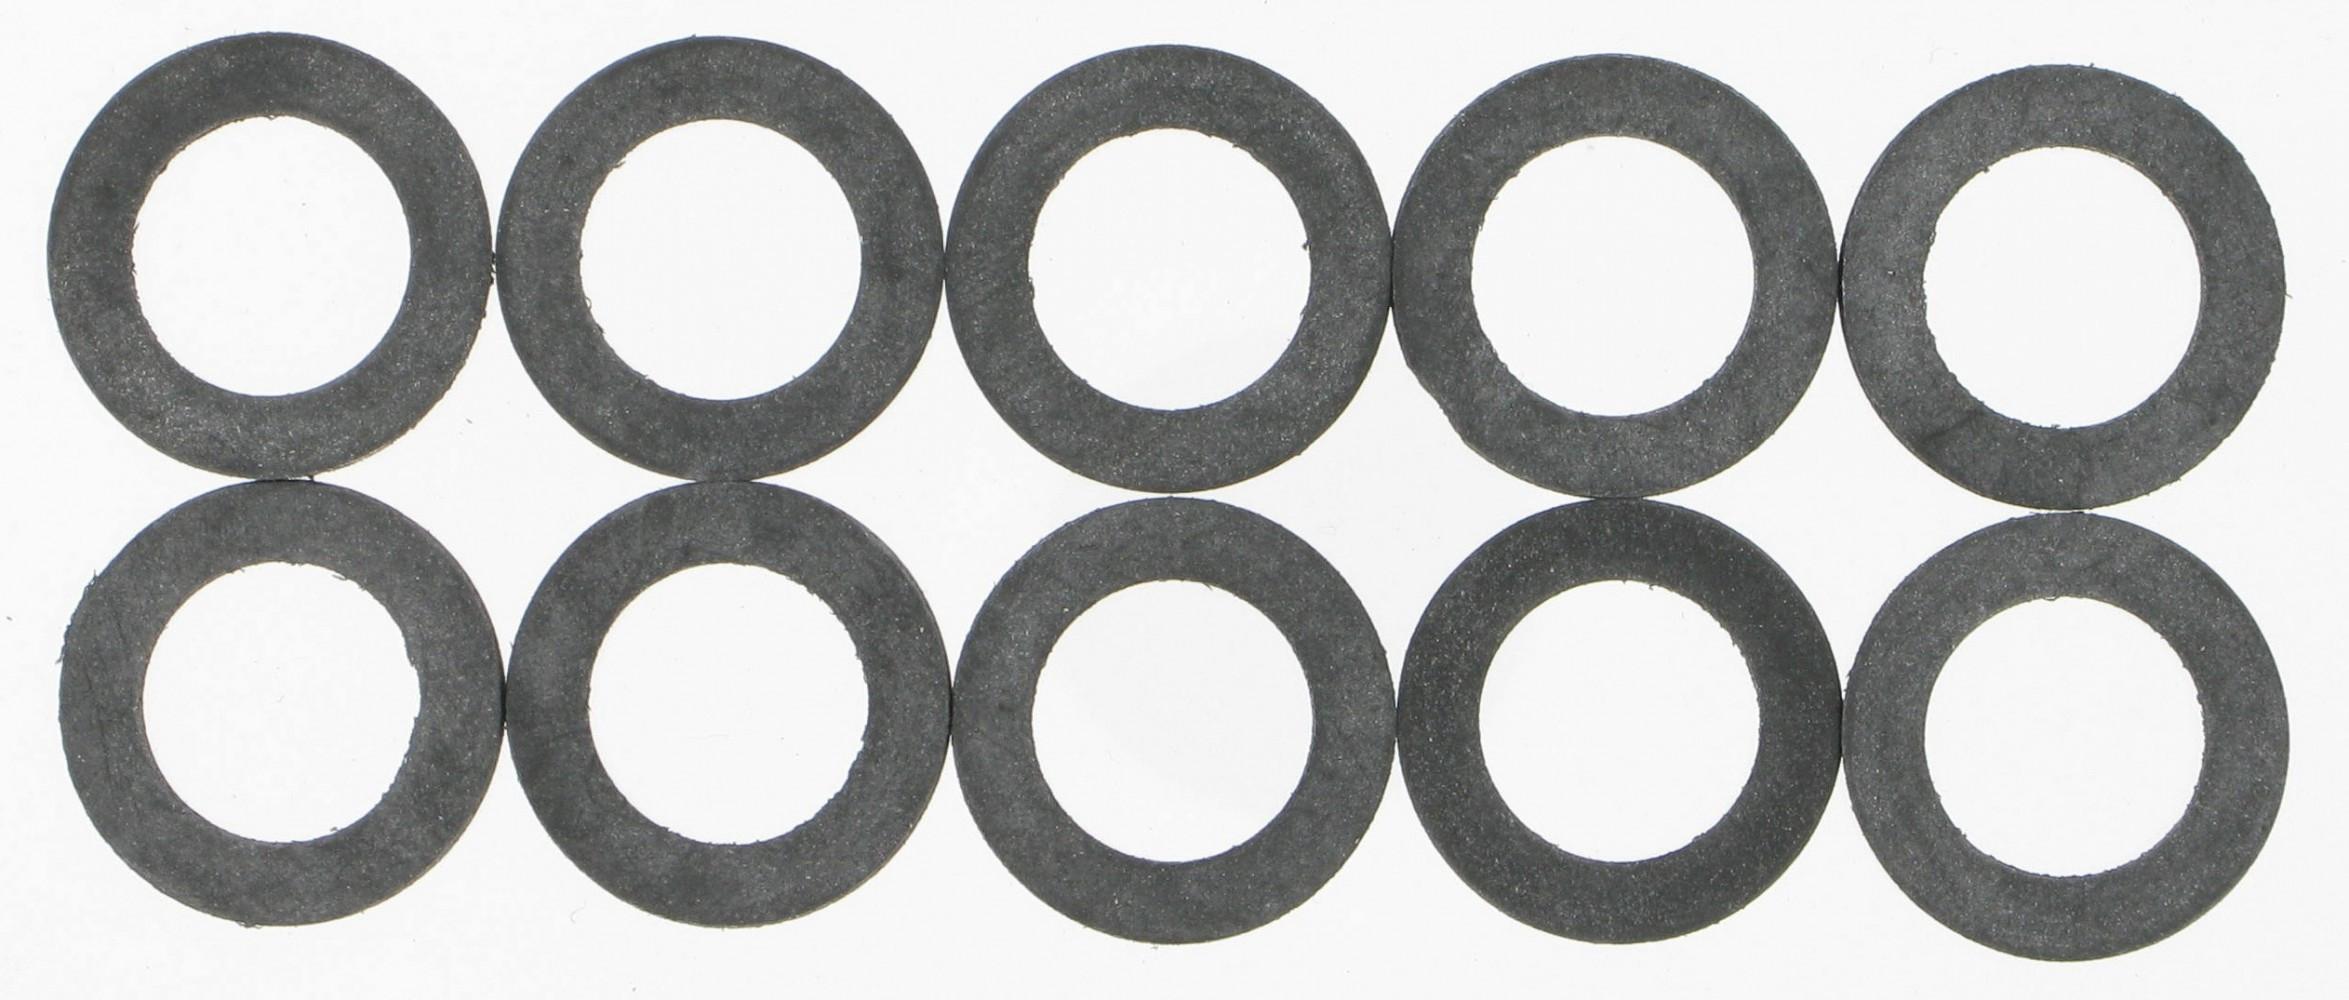 Lot de 10 joints caoutchouc, 12/17 mm COMAP